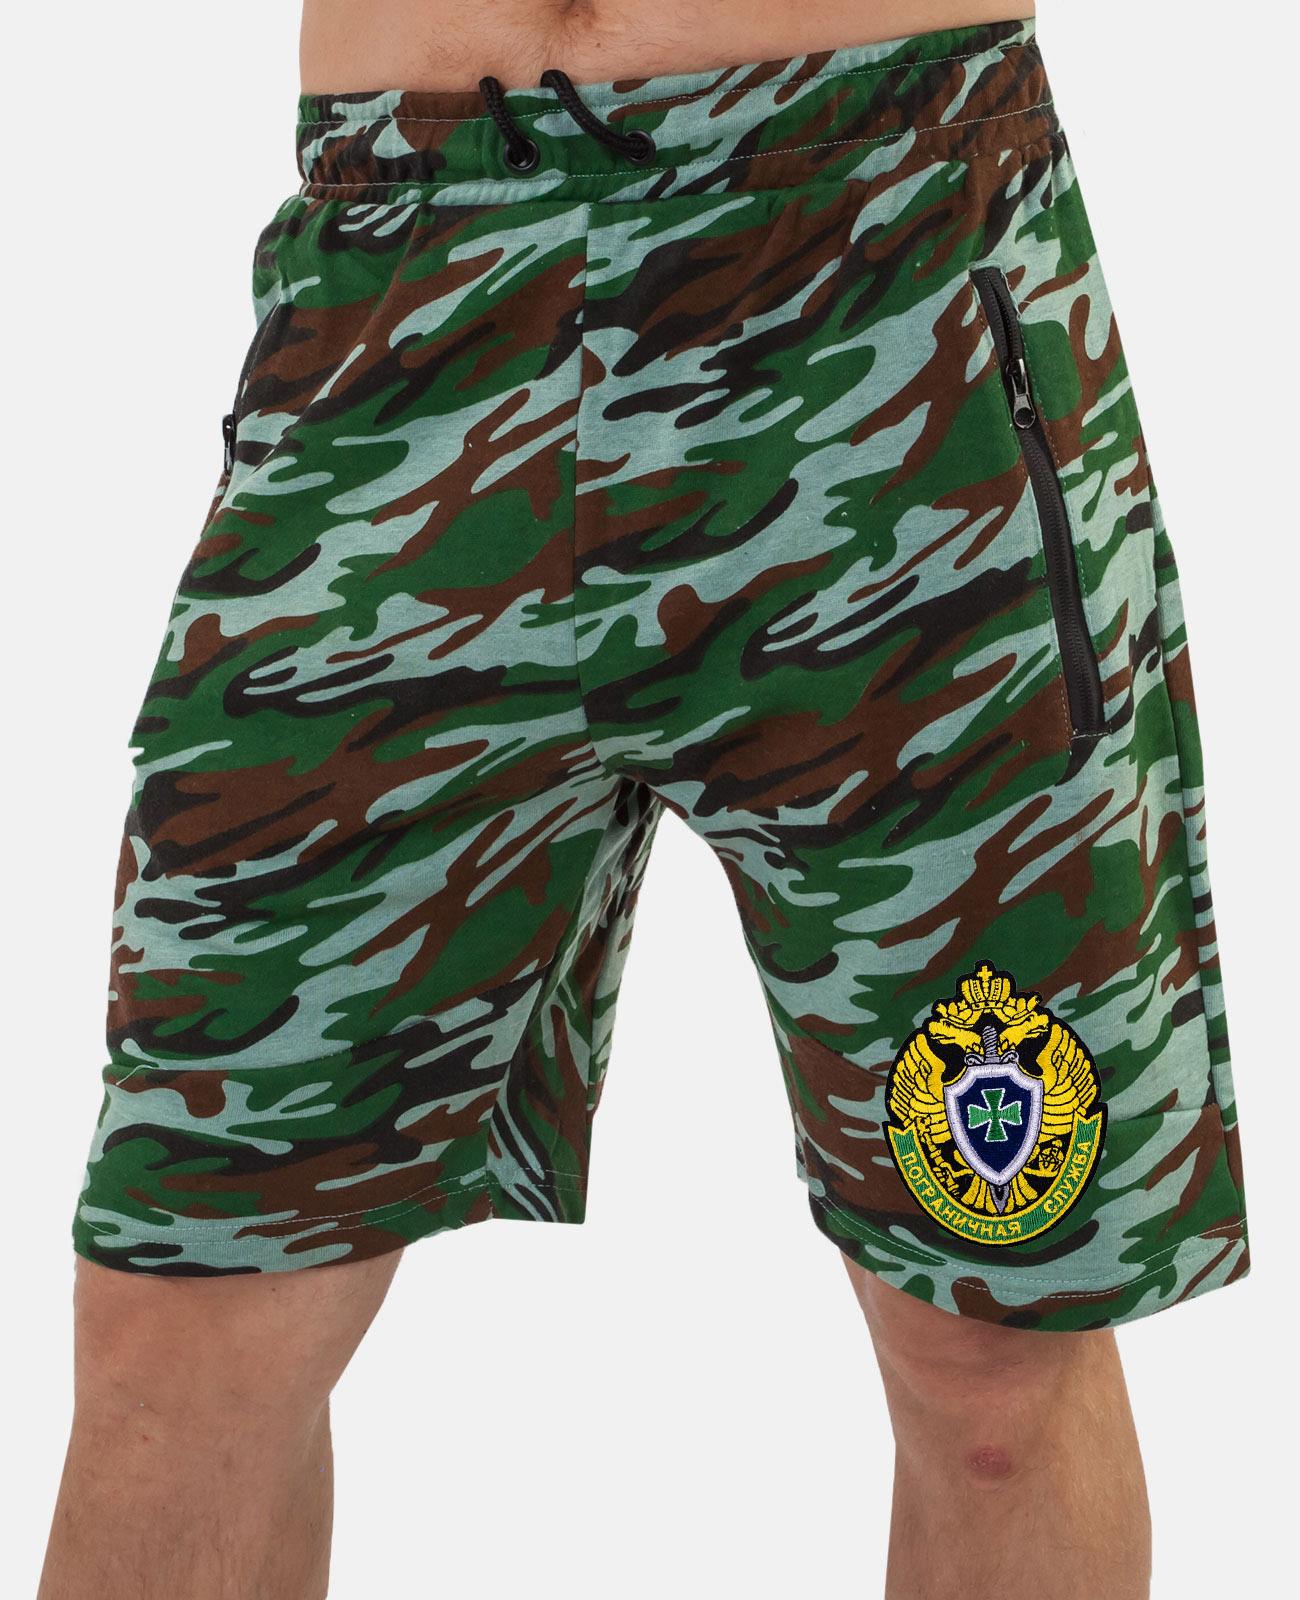 Повседневные камуфляжные шорты для мужчин с эмблемой Пограничной службы заказать по привлекательной цене